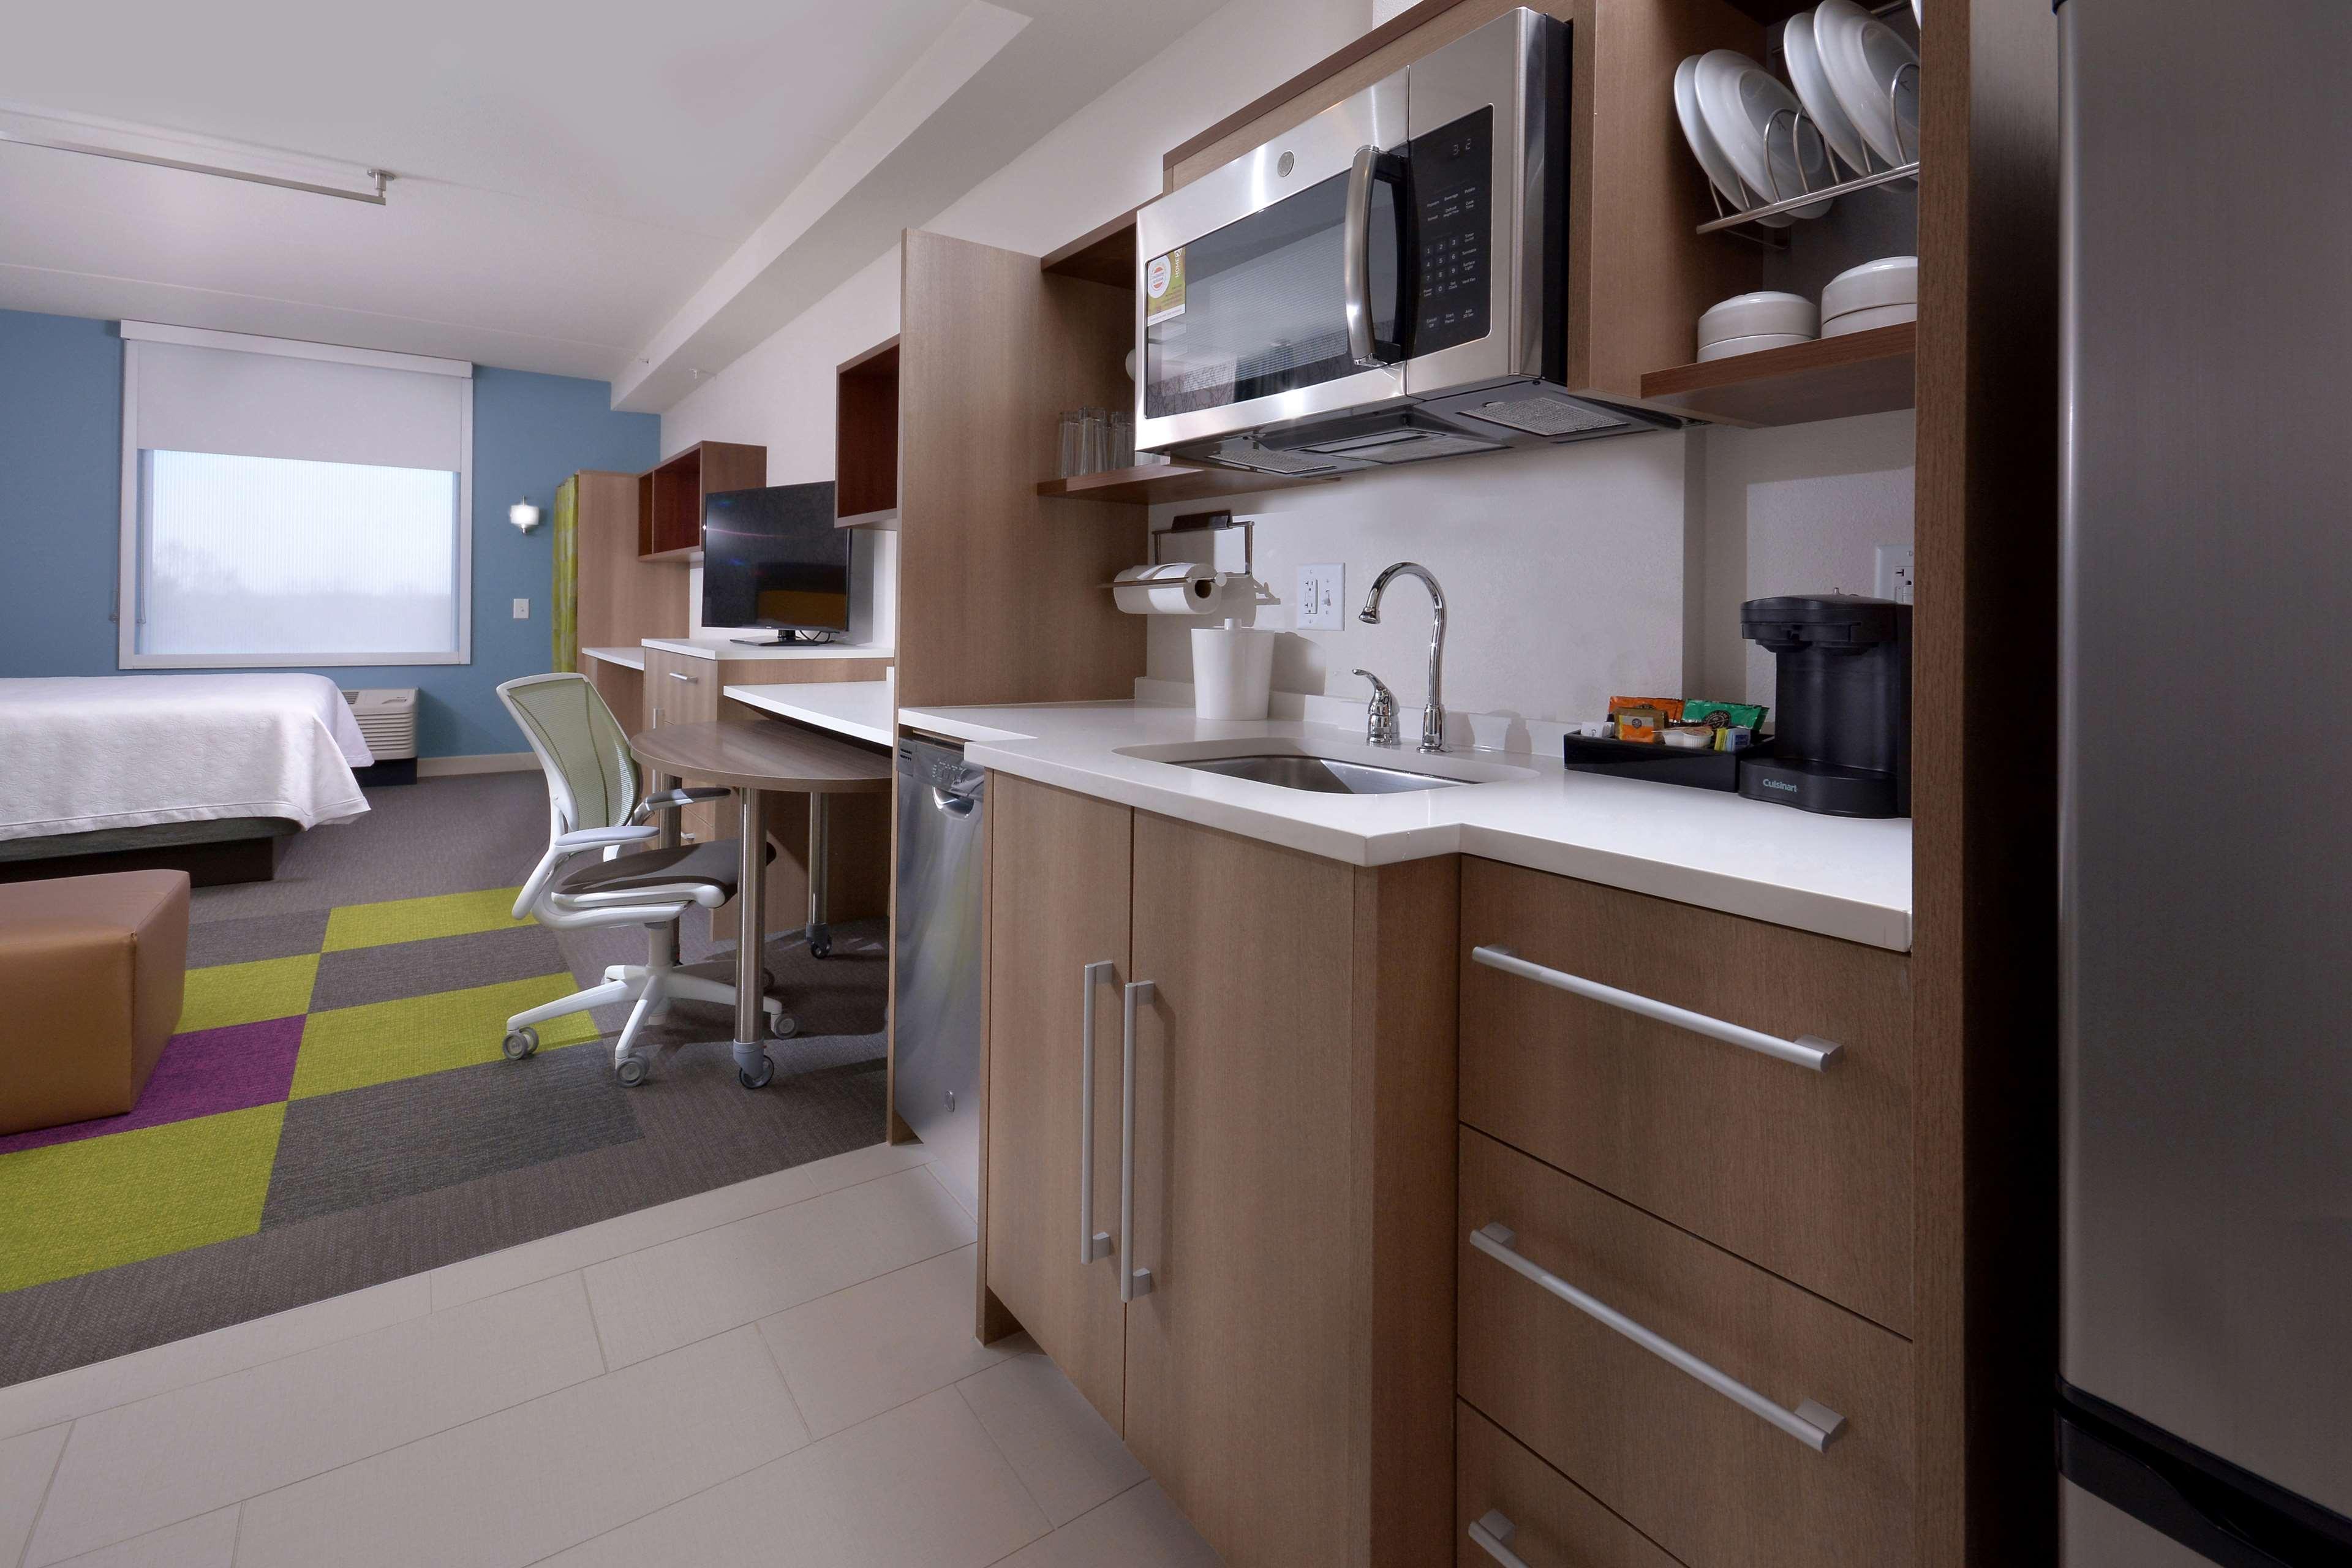 Home2 Suites by Hilton Duncan image 14